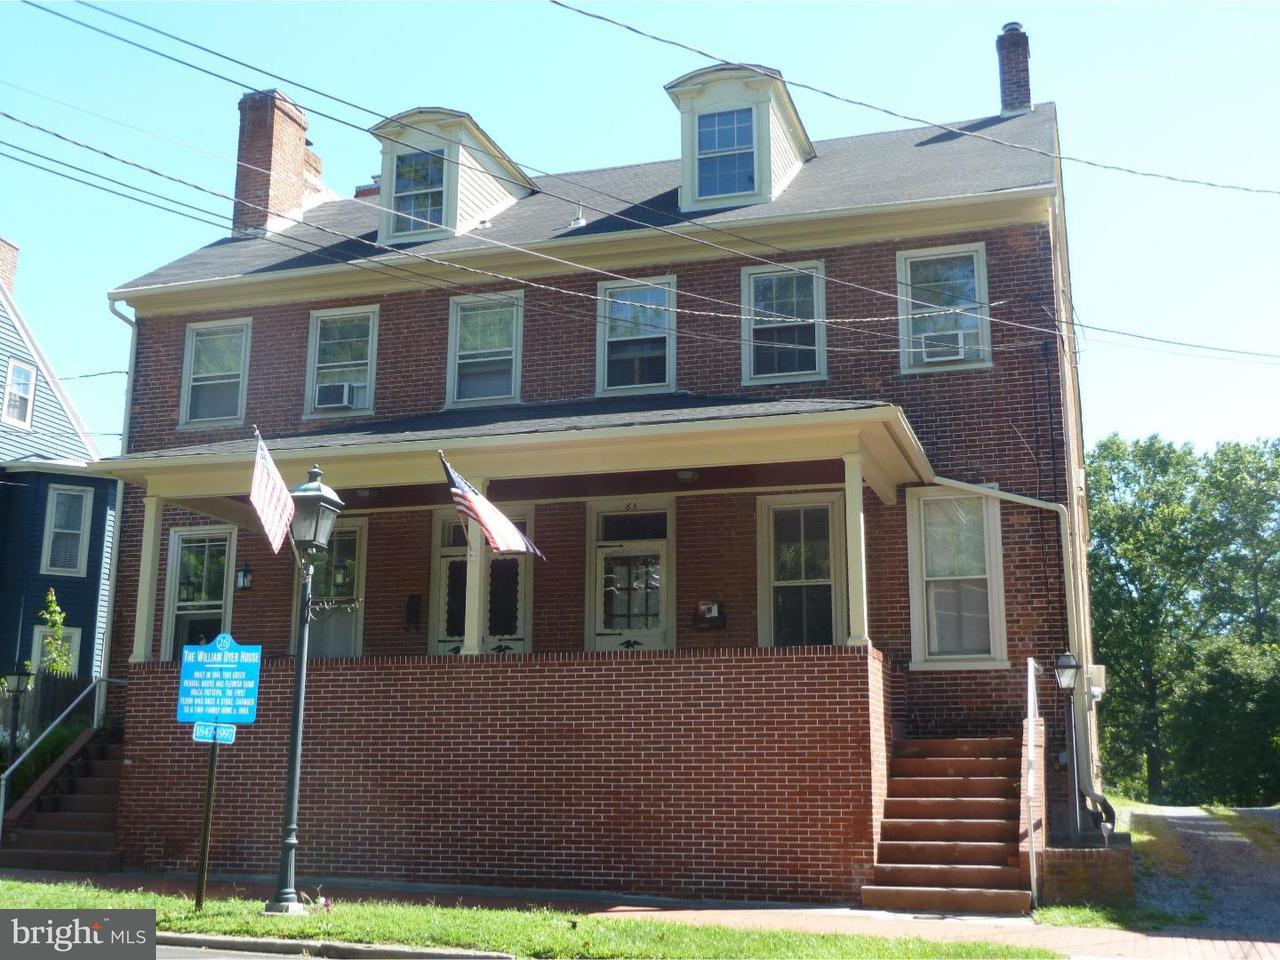 联栋屋 为 出租 在 64,63-65 S MAIN Street Medford, 新泽西州 08055 美国